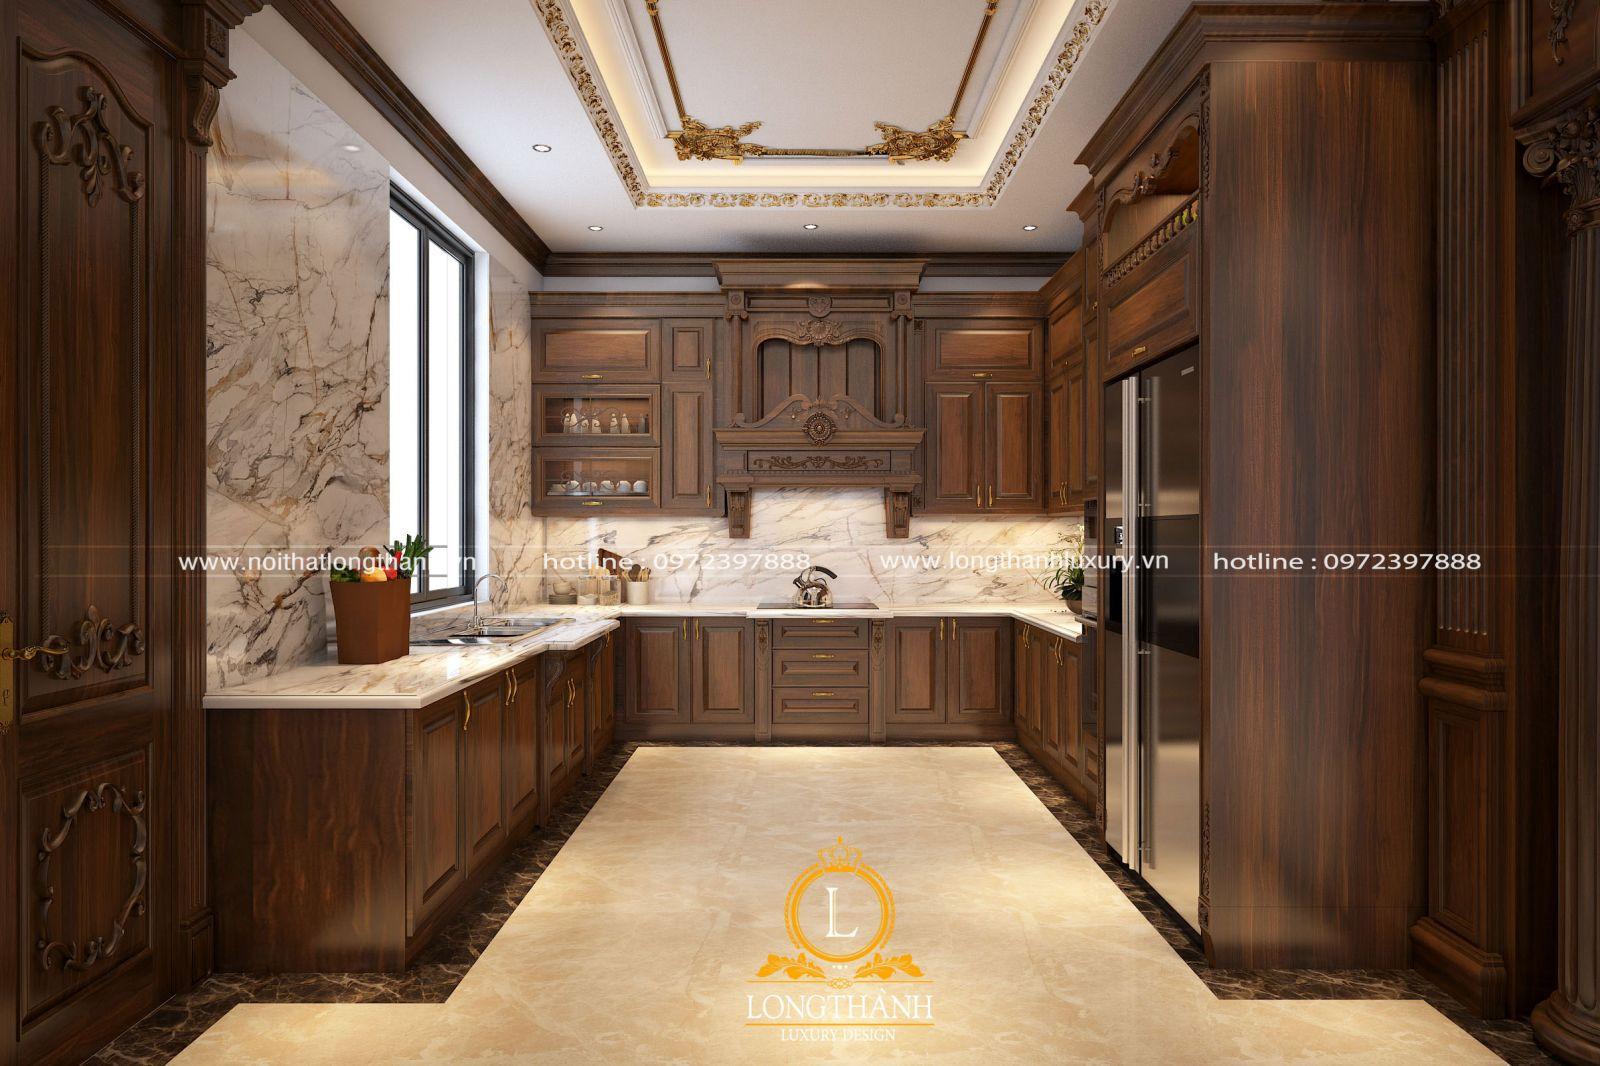 Mẫu tủ bếp tấn cổ điển hình chữ U đẹp cho nhà biệt thự liền kề